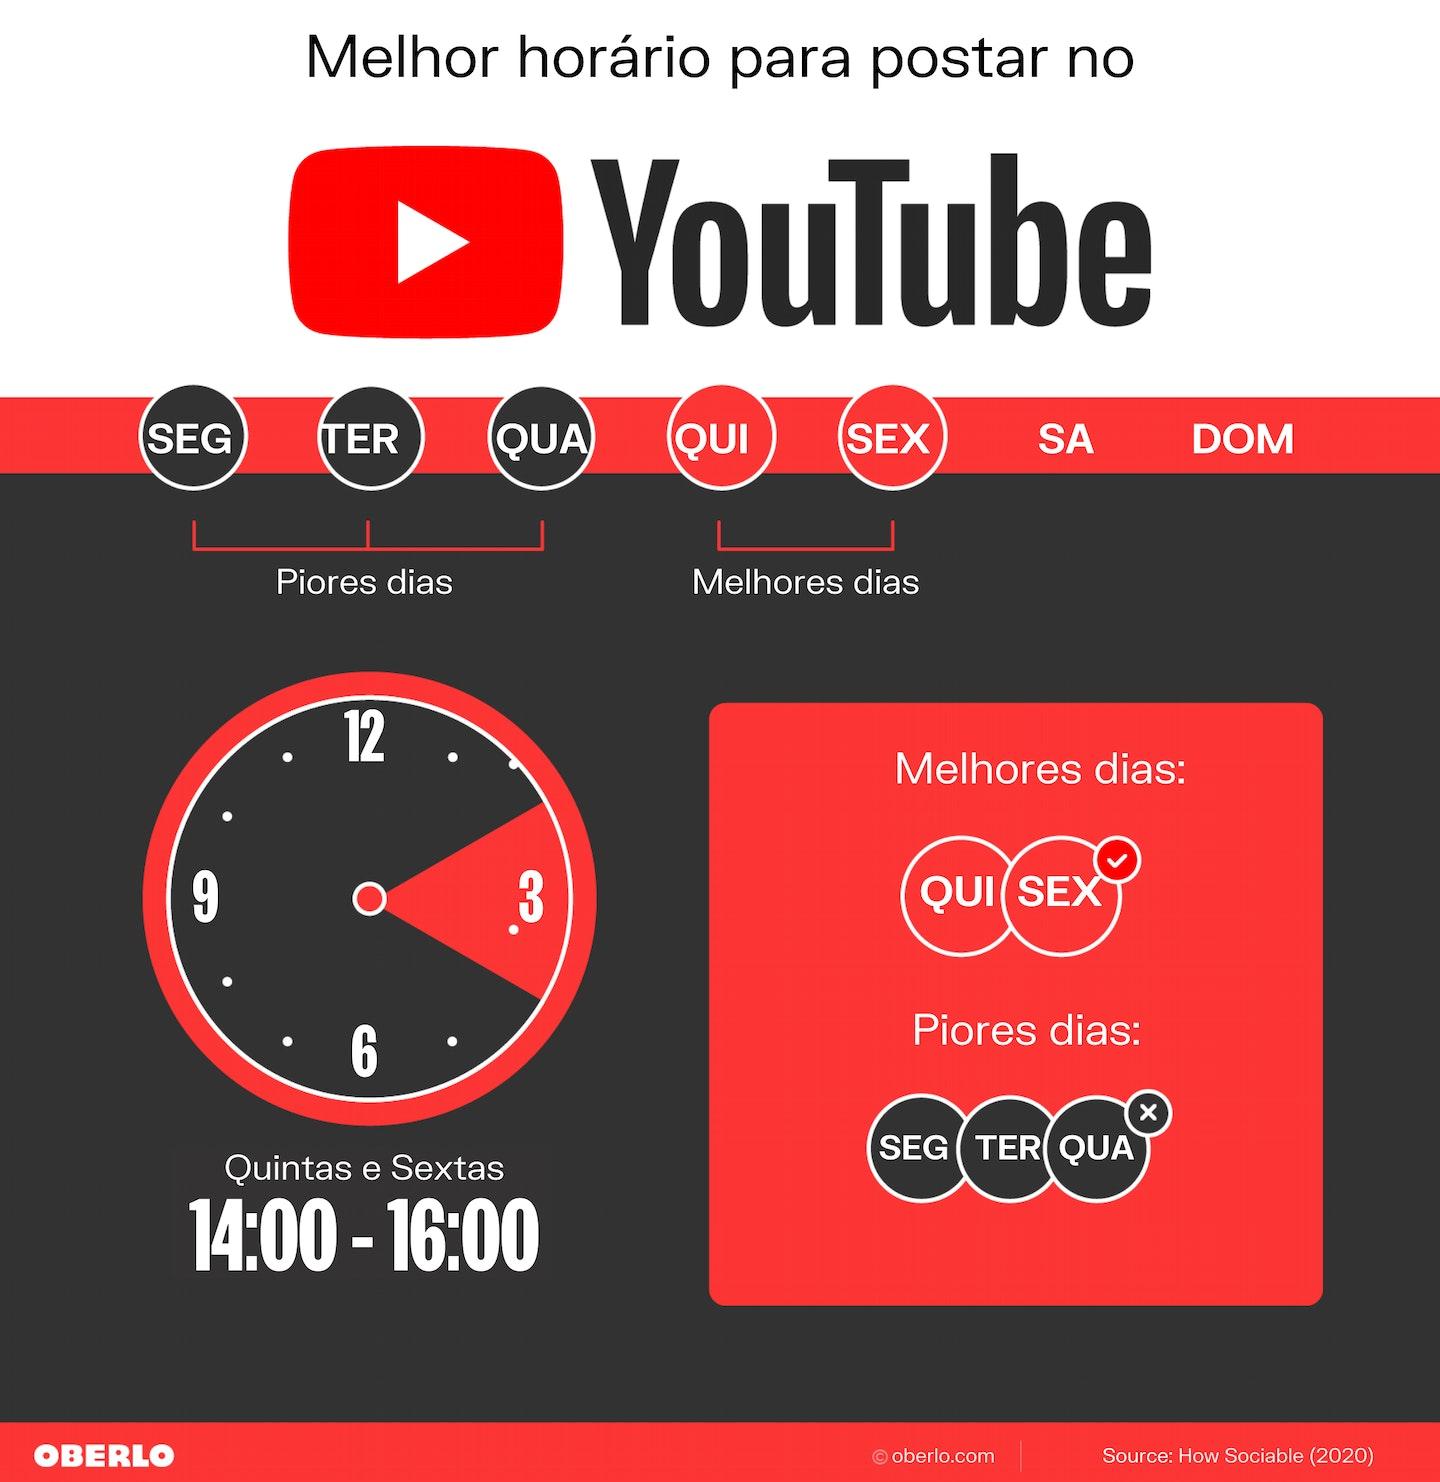 melhores horários para postar: youtube